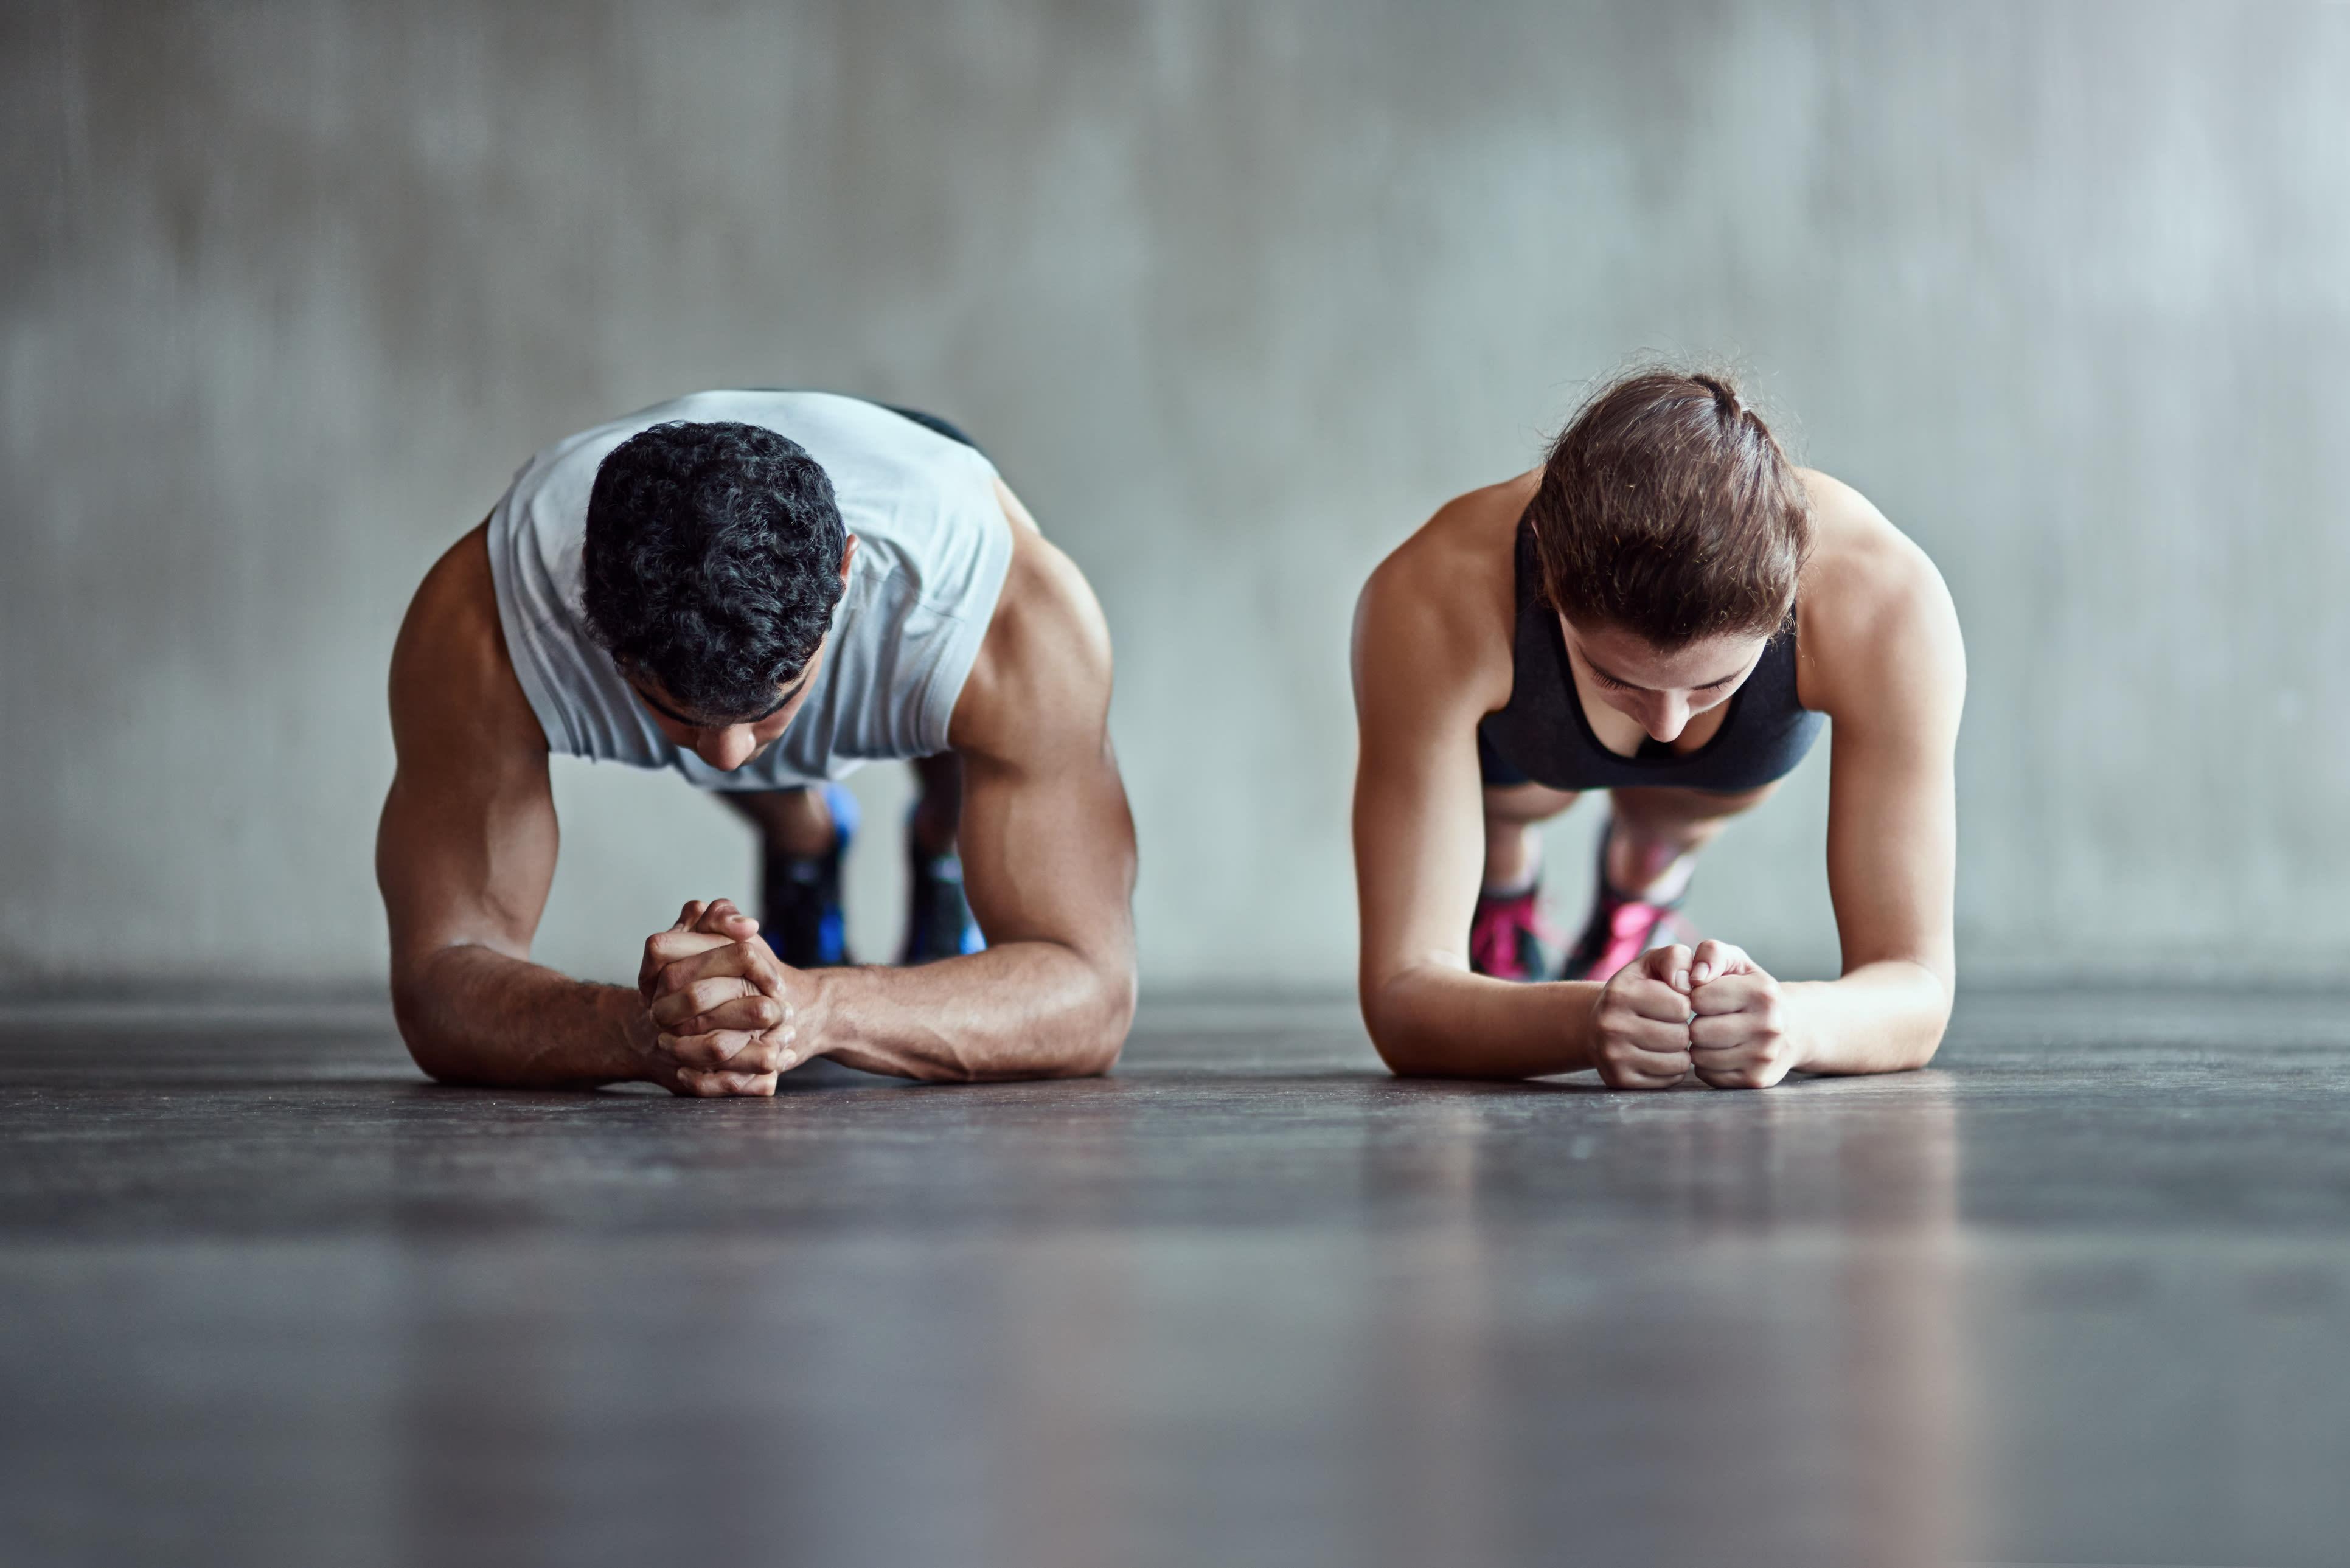 Slik finner du den indre motivasjonen til å trene